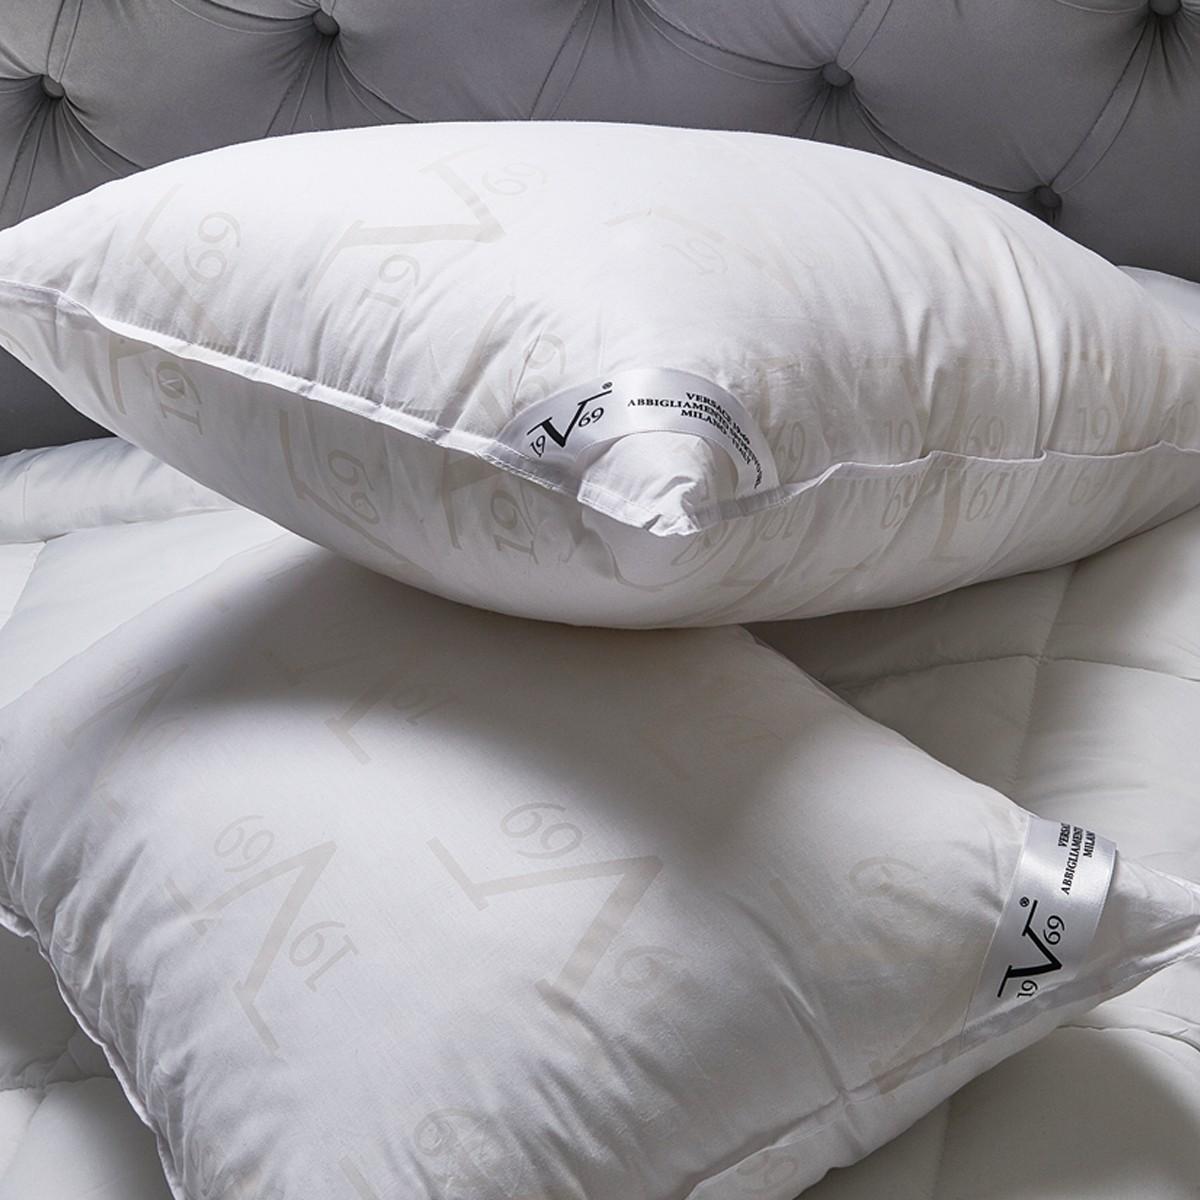 Μαξιλάρι Ύπνου V19.69 Sogni Luino Pillow